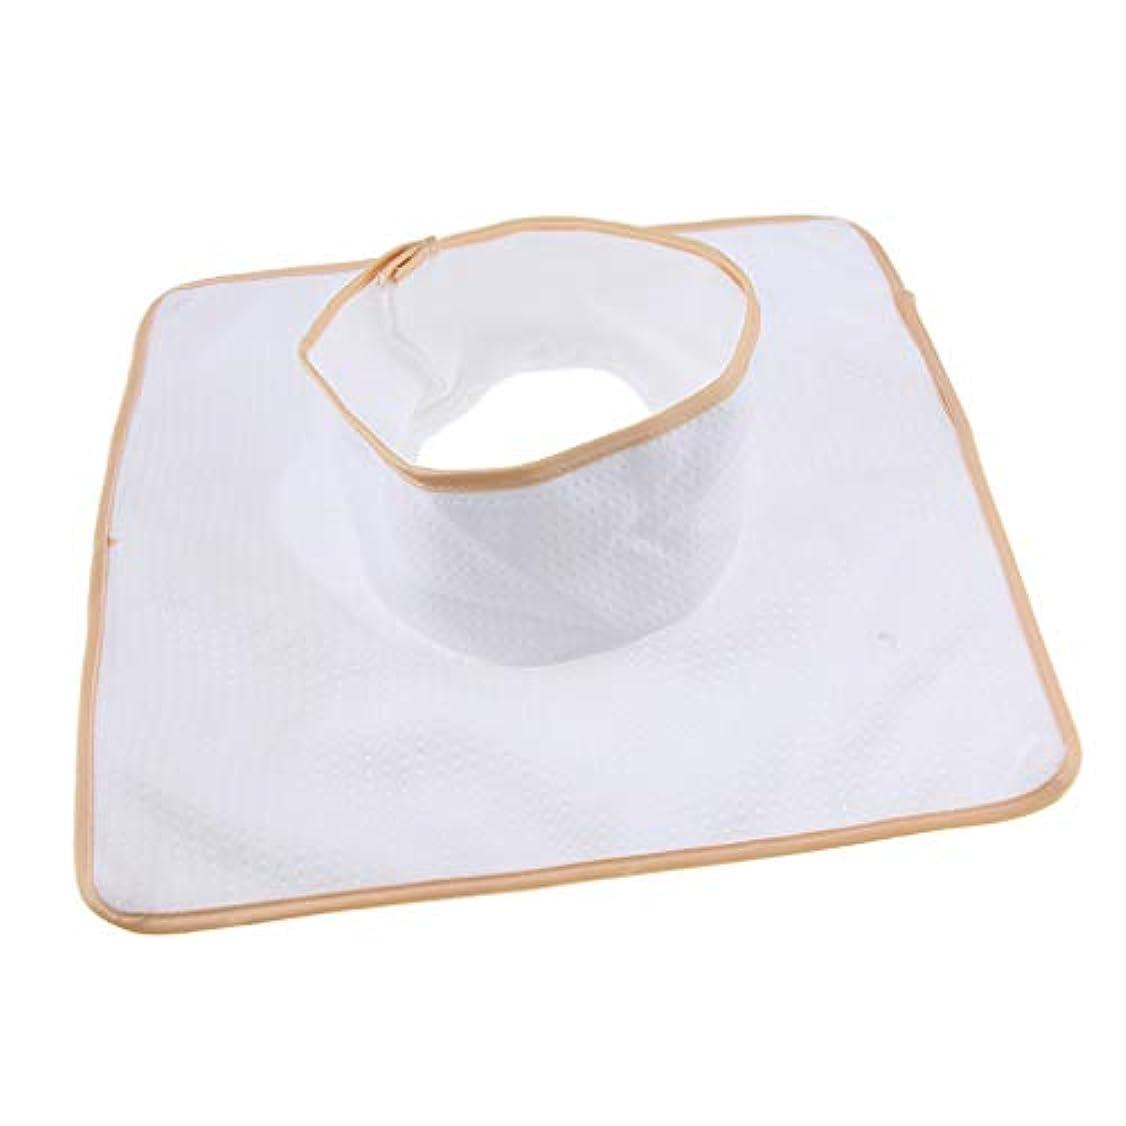 手のひら壮大なうつD DOLITY マッサージ ベッド テーブル ヘッドパッド 頭の穴付 再使用可能 約35×35cm 全3色 - 白